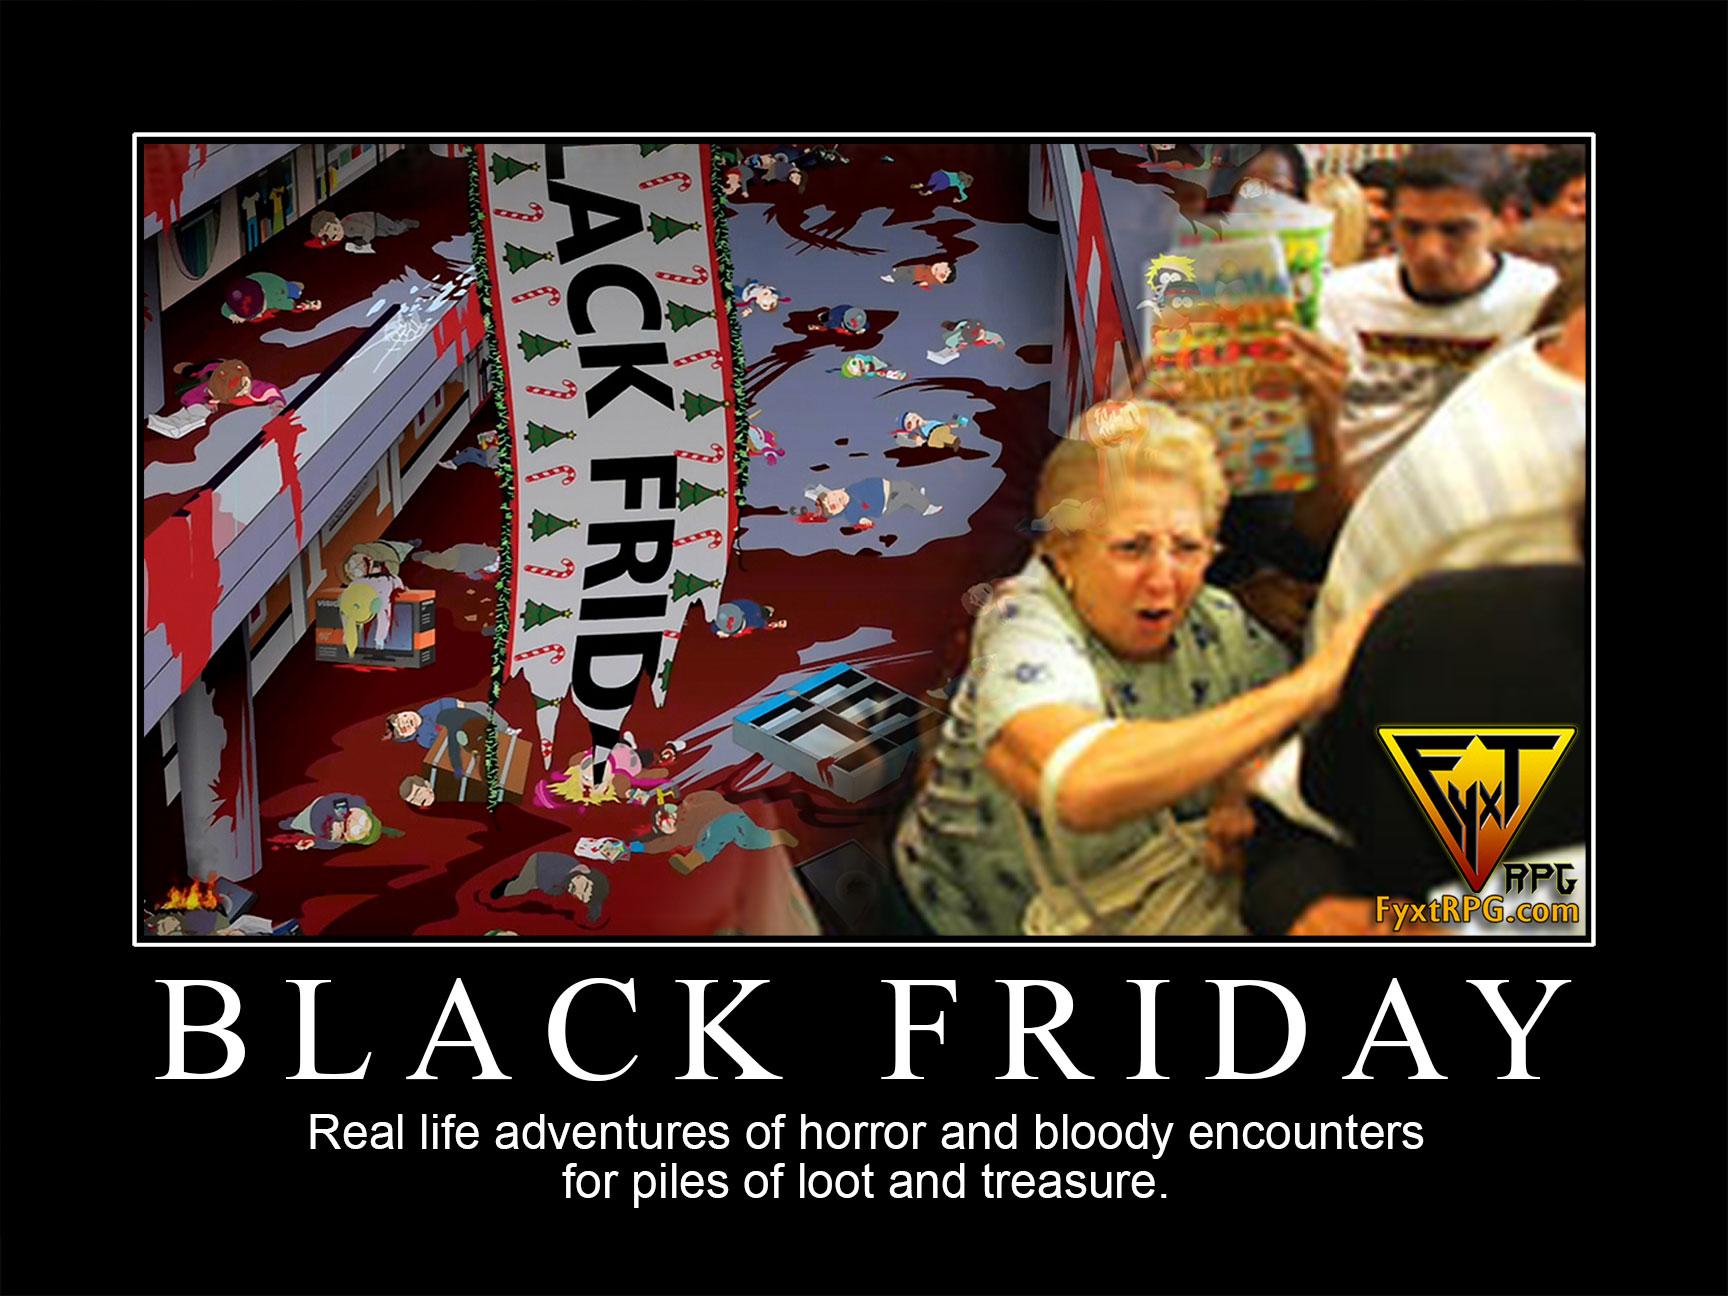 fyxt-rpg-motivational-poster-black-friday